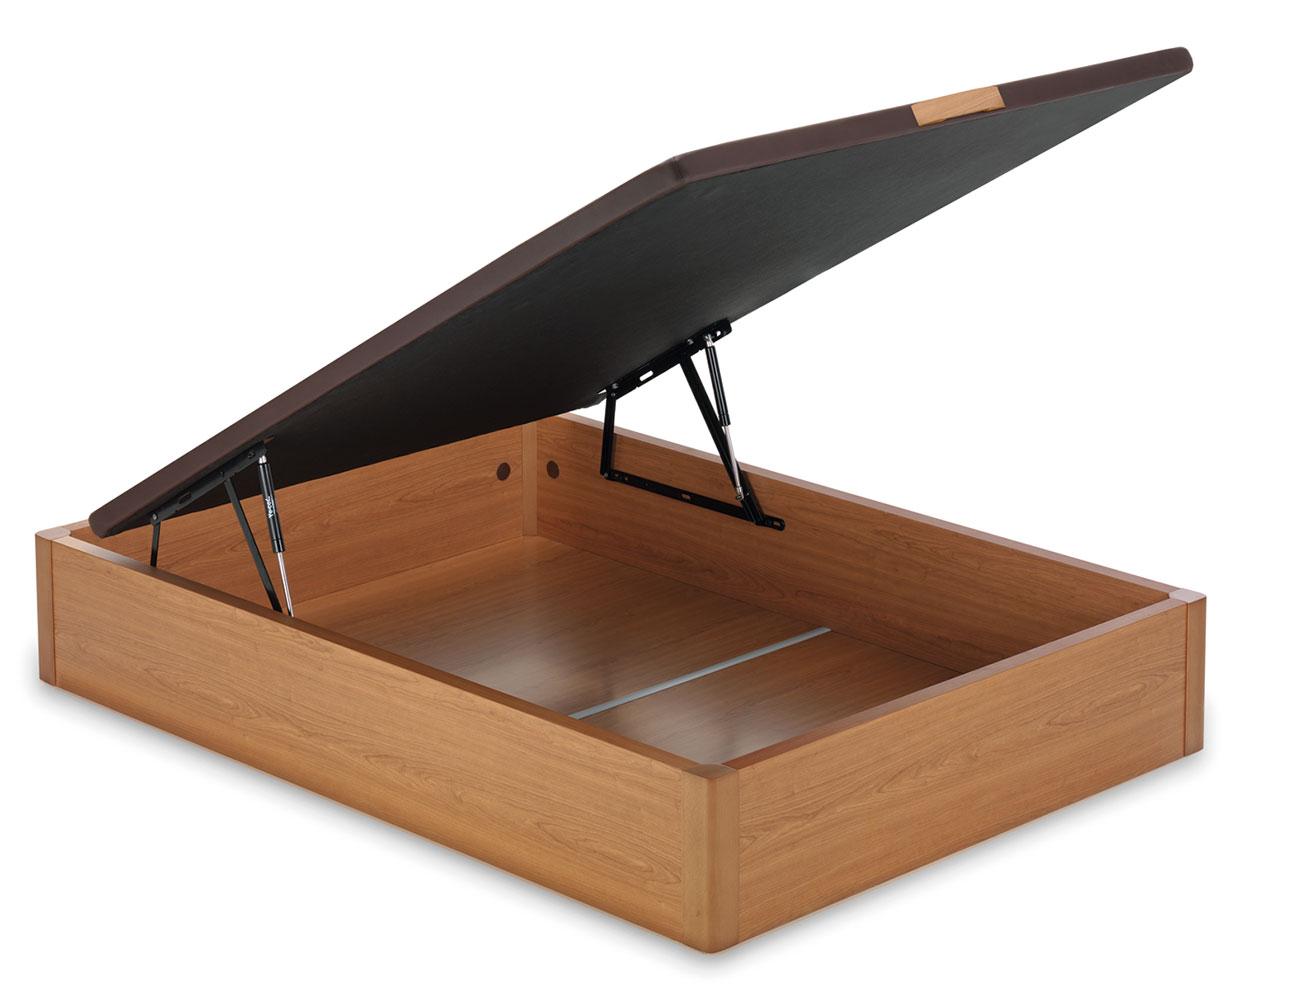 Canape madera 5 cm grosor gran calidad abierto10